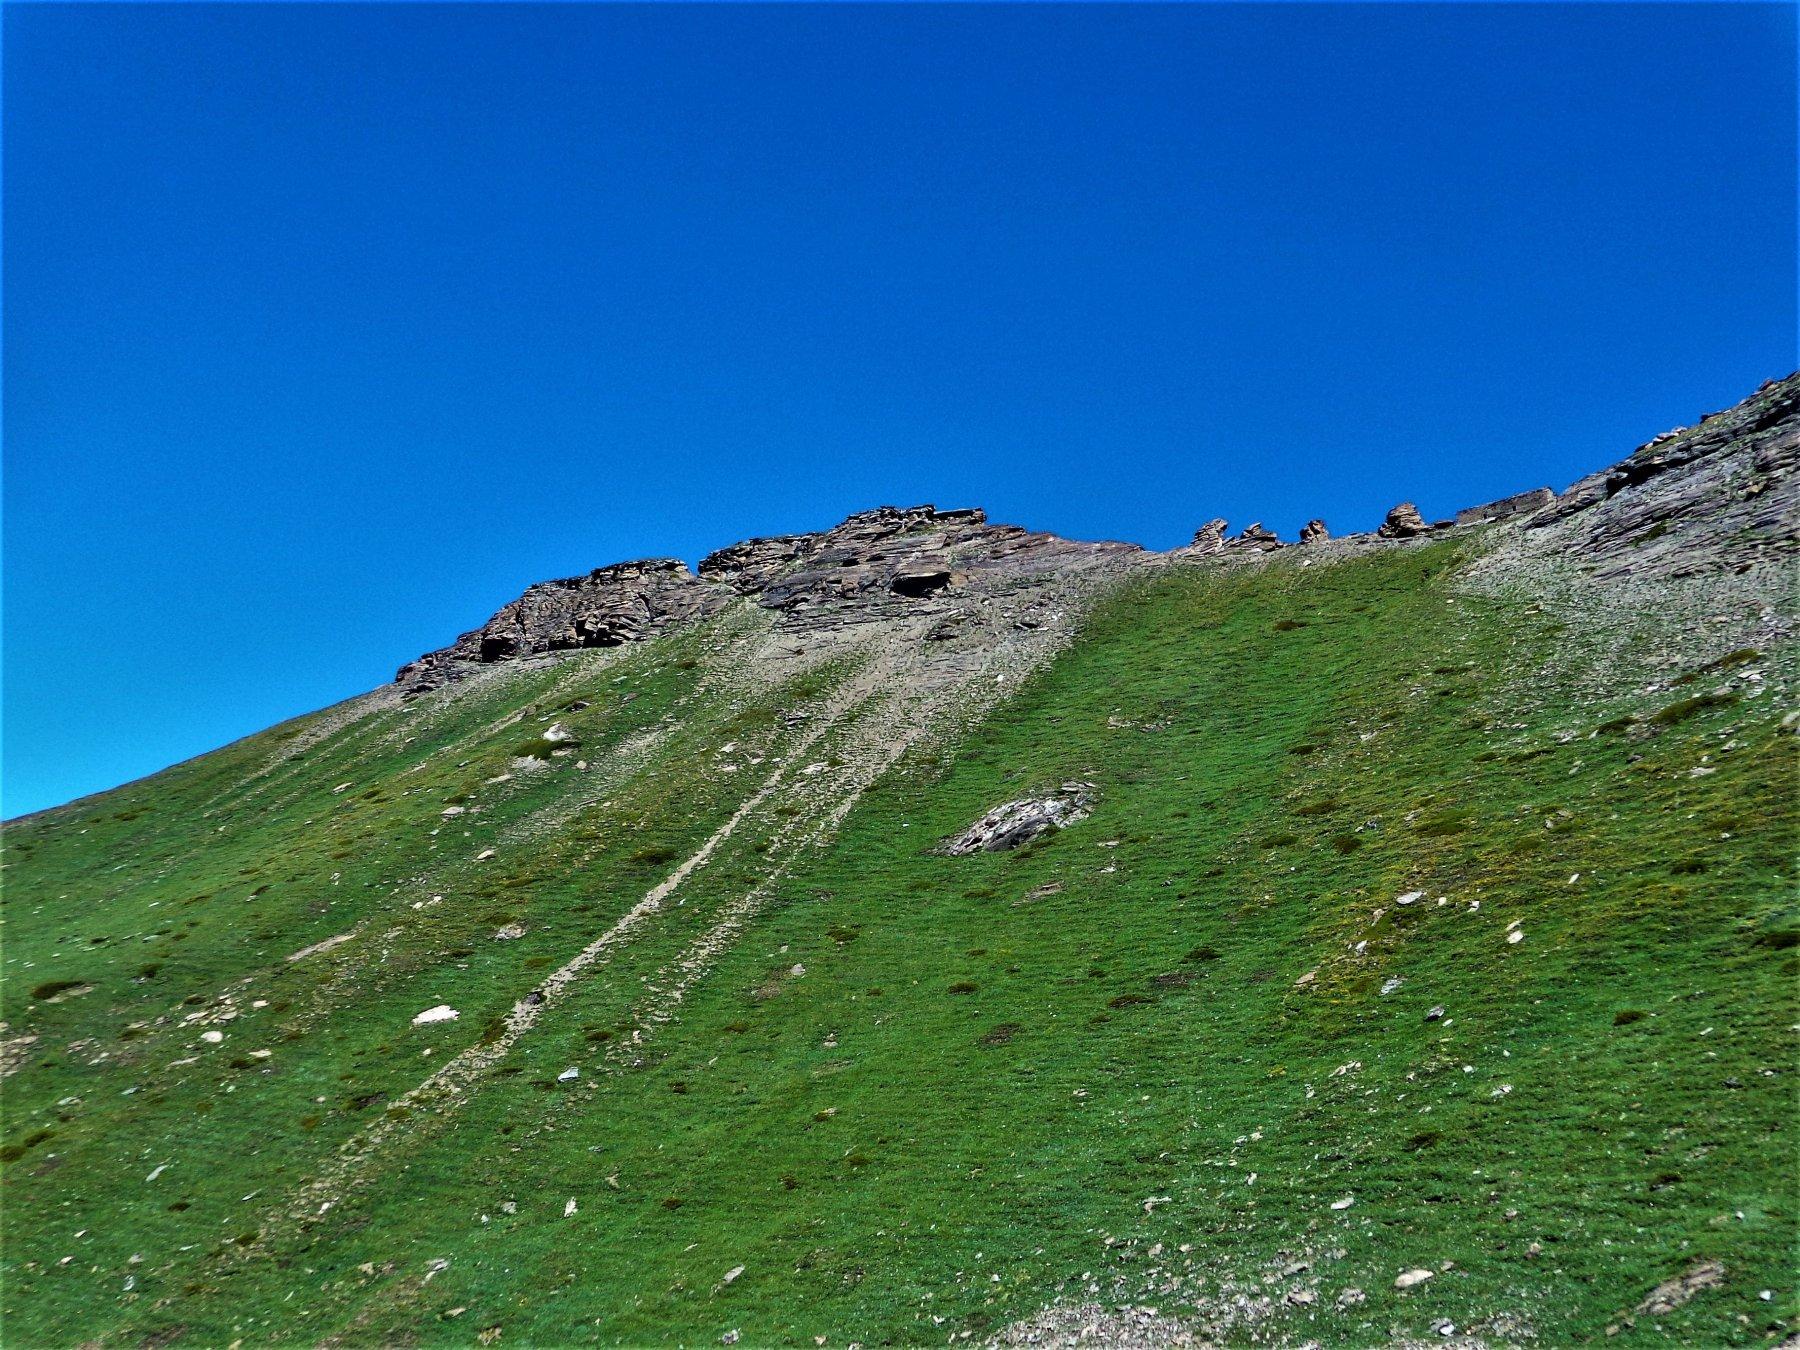 La Becca vista dal sentiero 7A